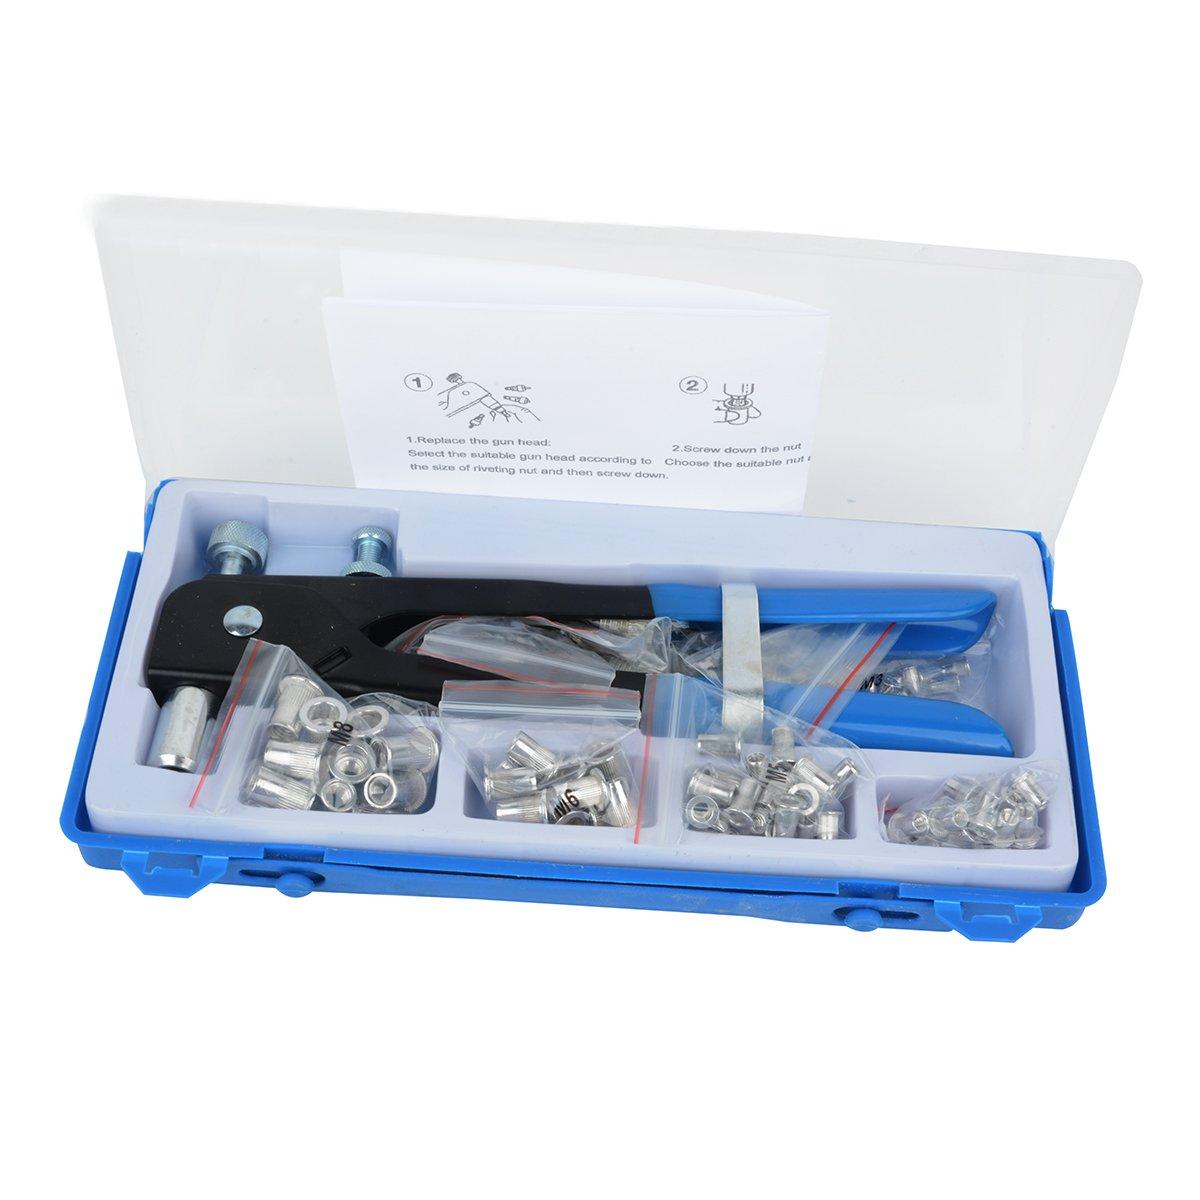 Rivet Nuts Set 1064 Pcs Blind Rivet Nuts Rivnut Nutsert Insert Tool Rivnuts Set Kit Assort M3 to M8 in Box